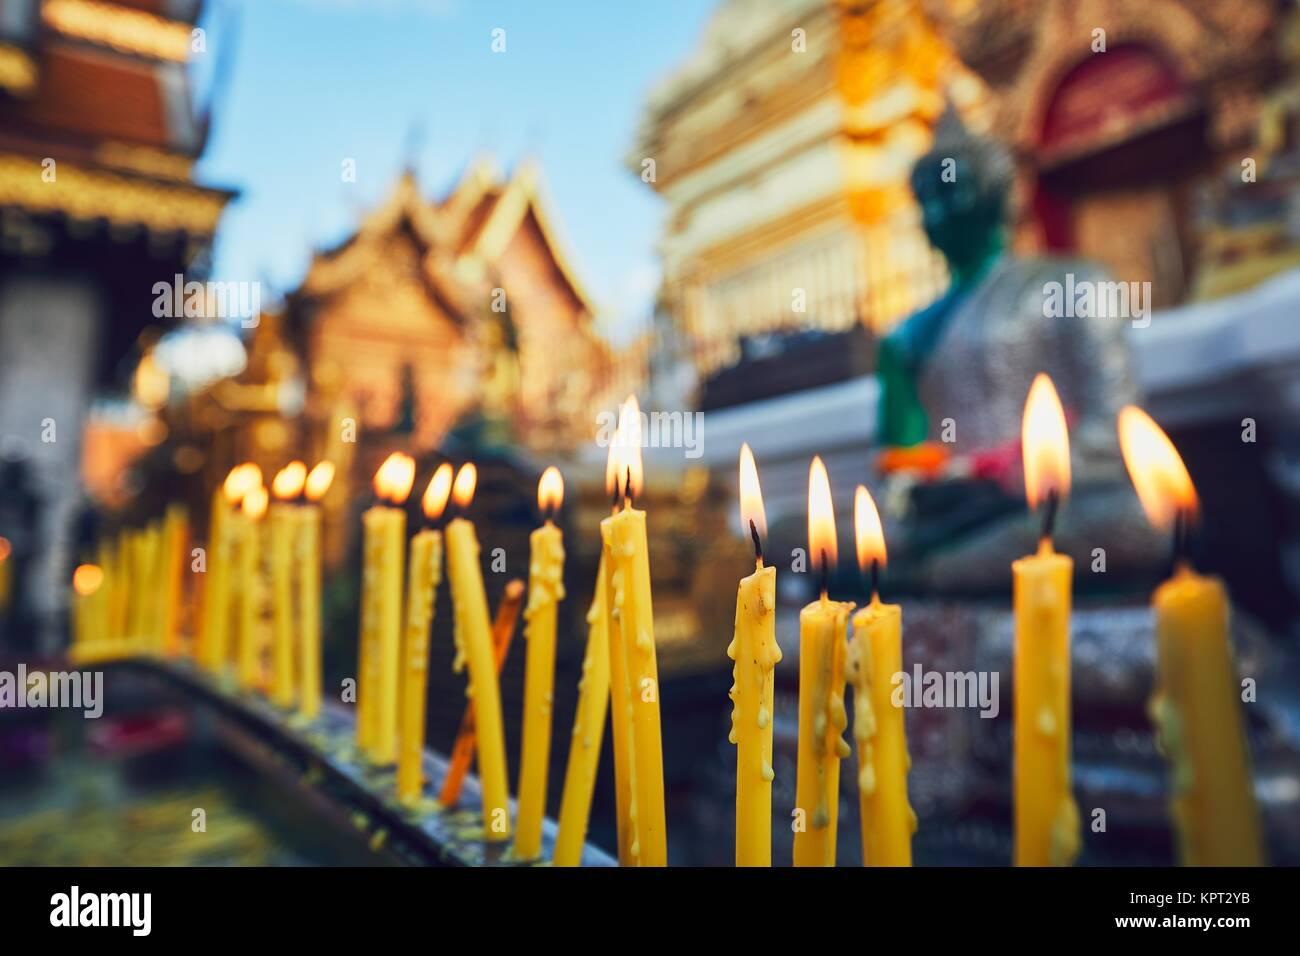 Buddista di Wat Phra That Doi Suthep Temple al tramonto. Turisti landmark preferiti in Chiang Mai, Thailandia. Immagini Stock